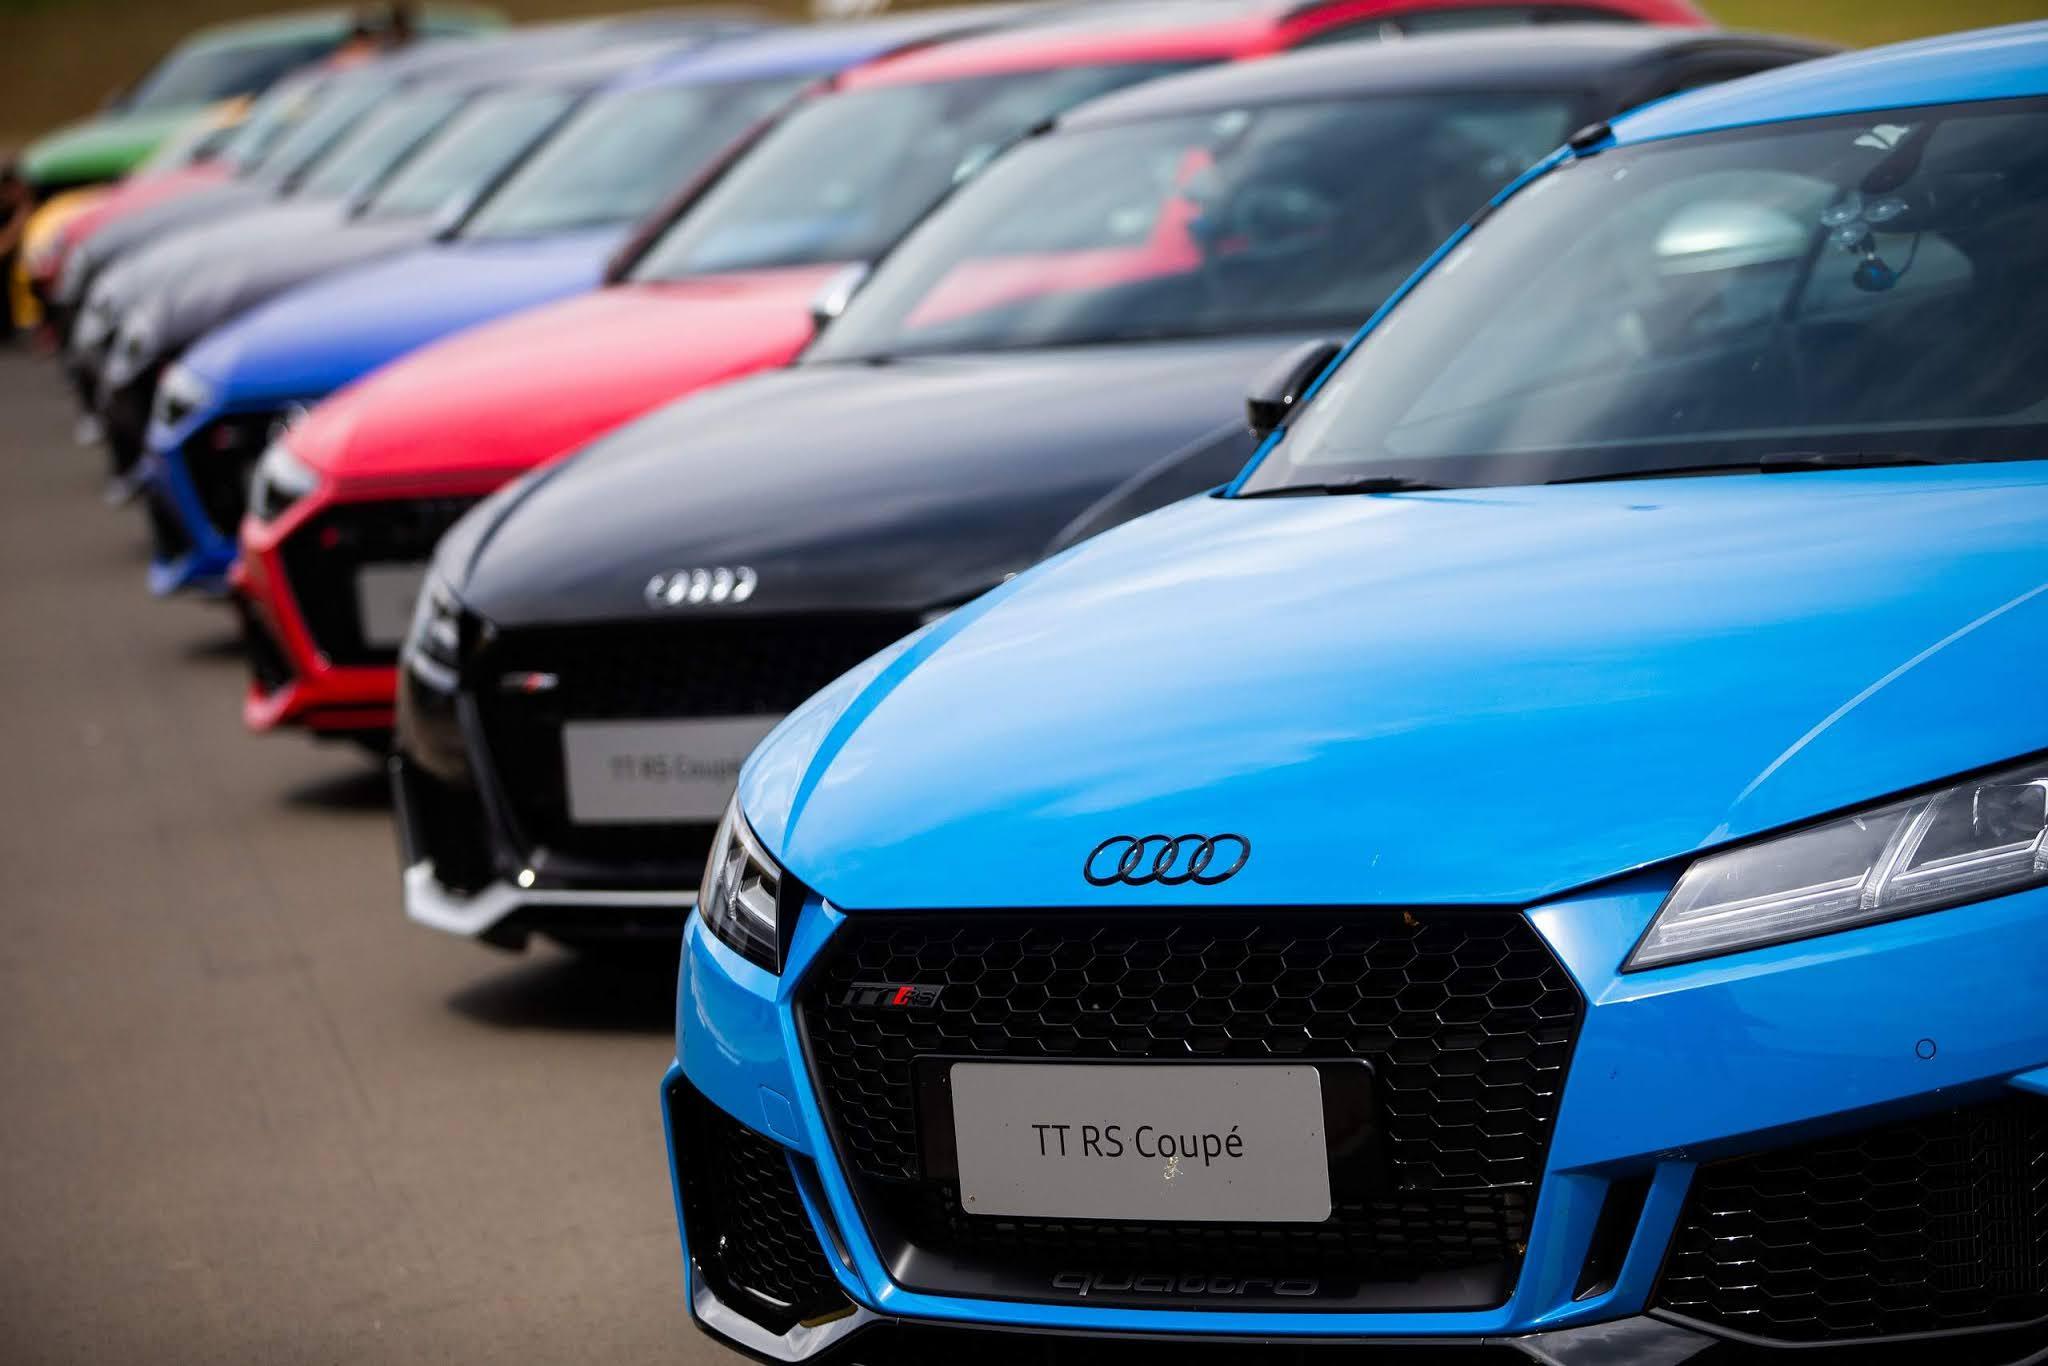 Audi do Brasil confirma datas para Driving Experience com nova linha de esportivos